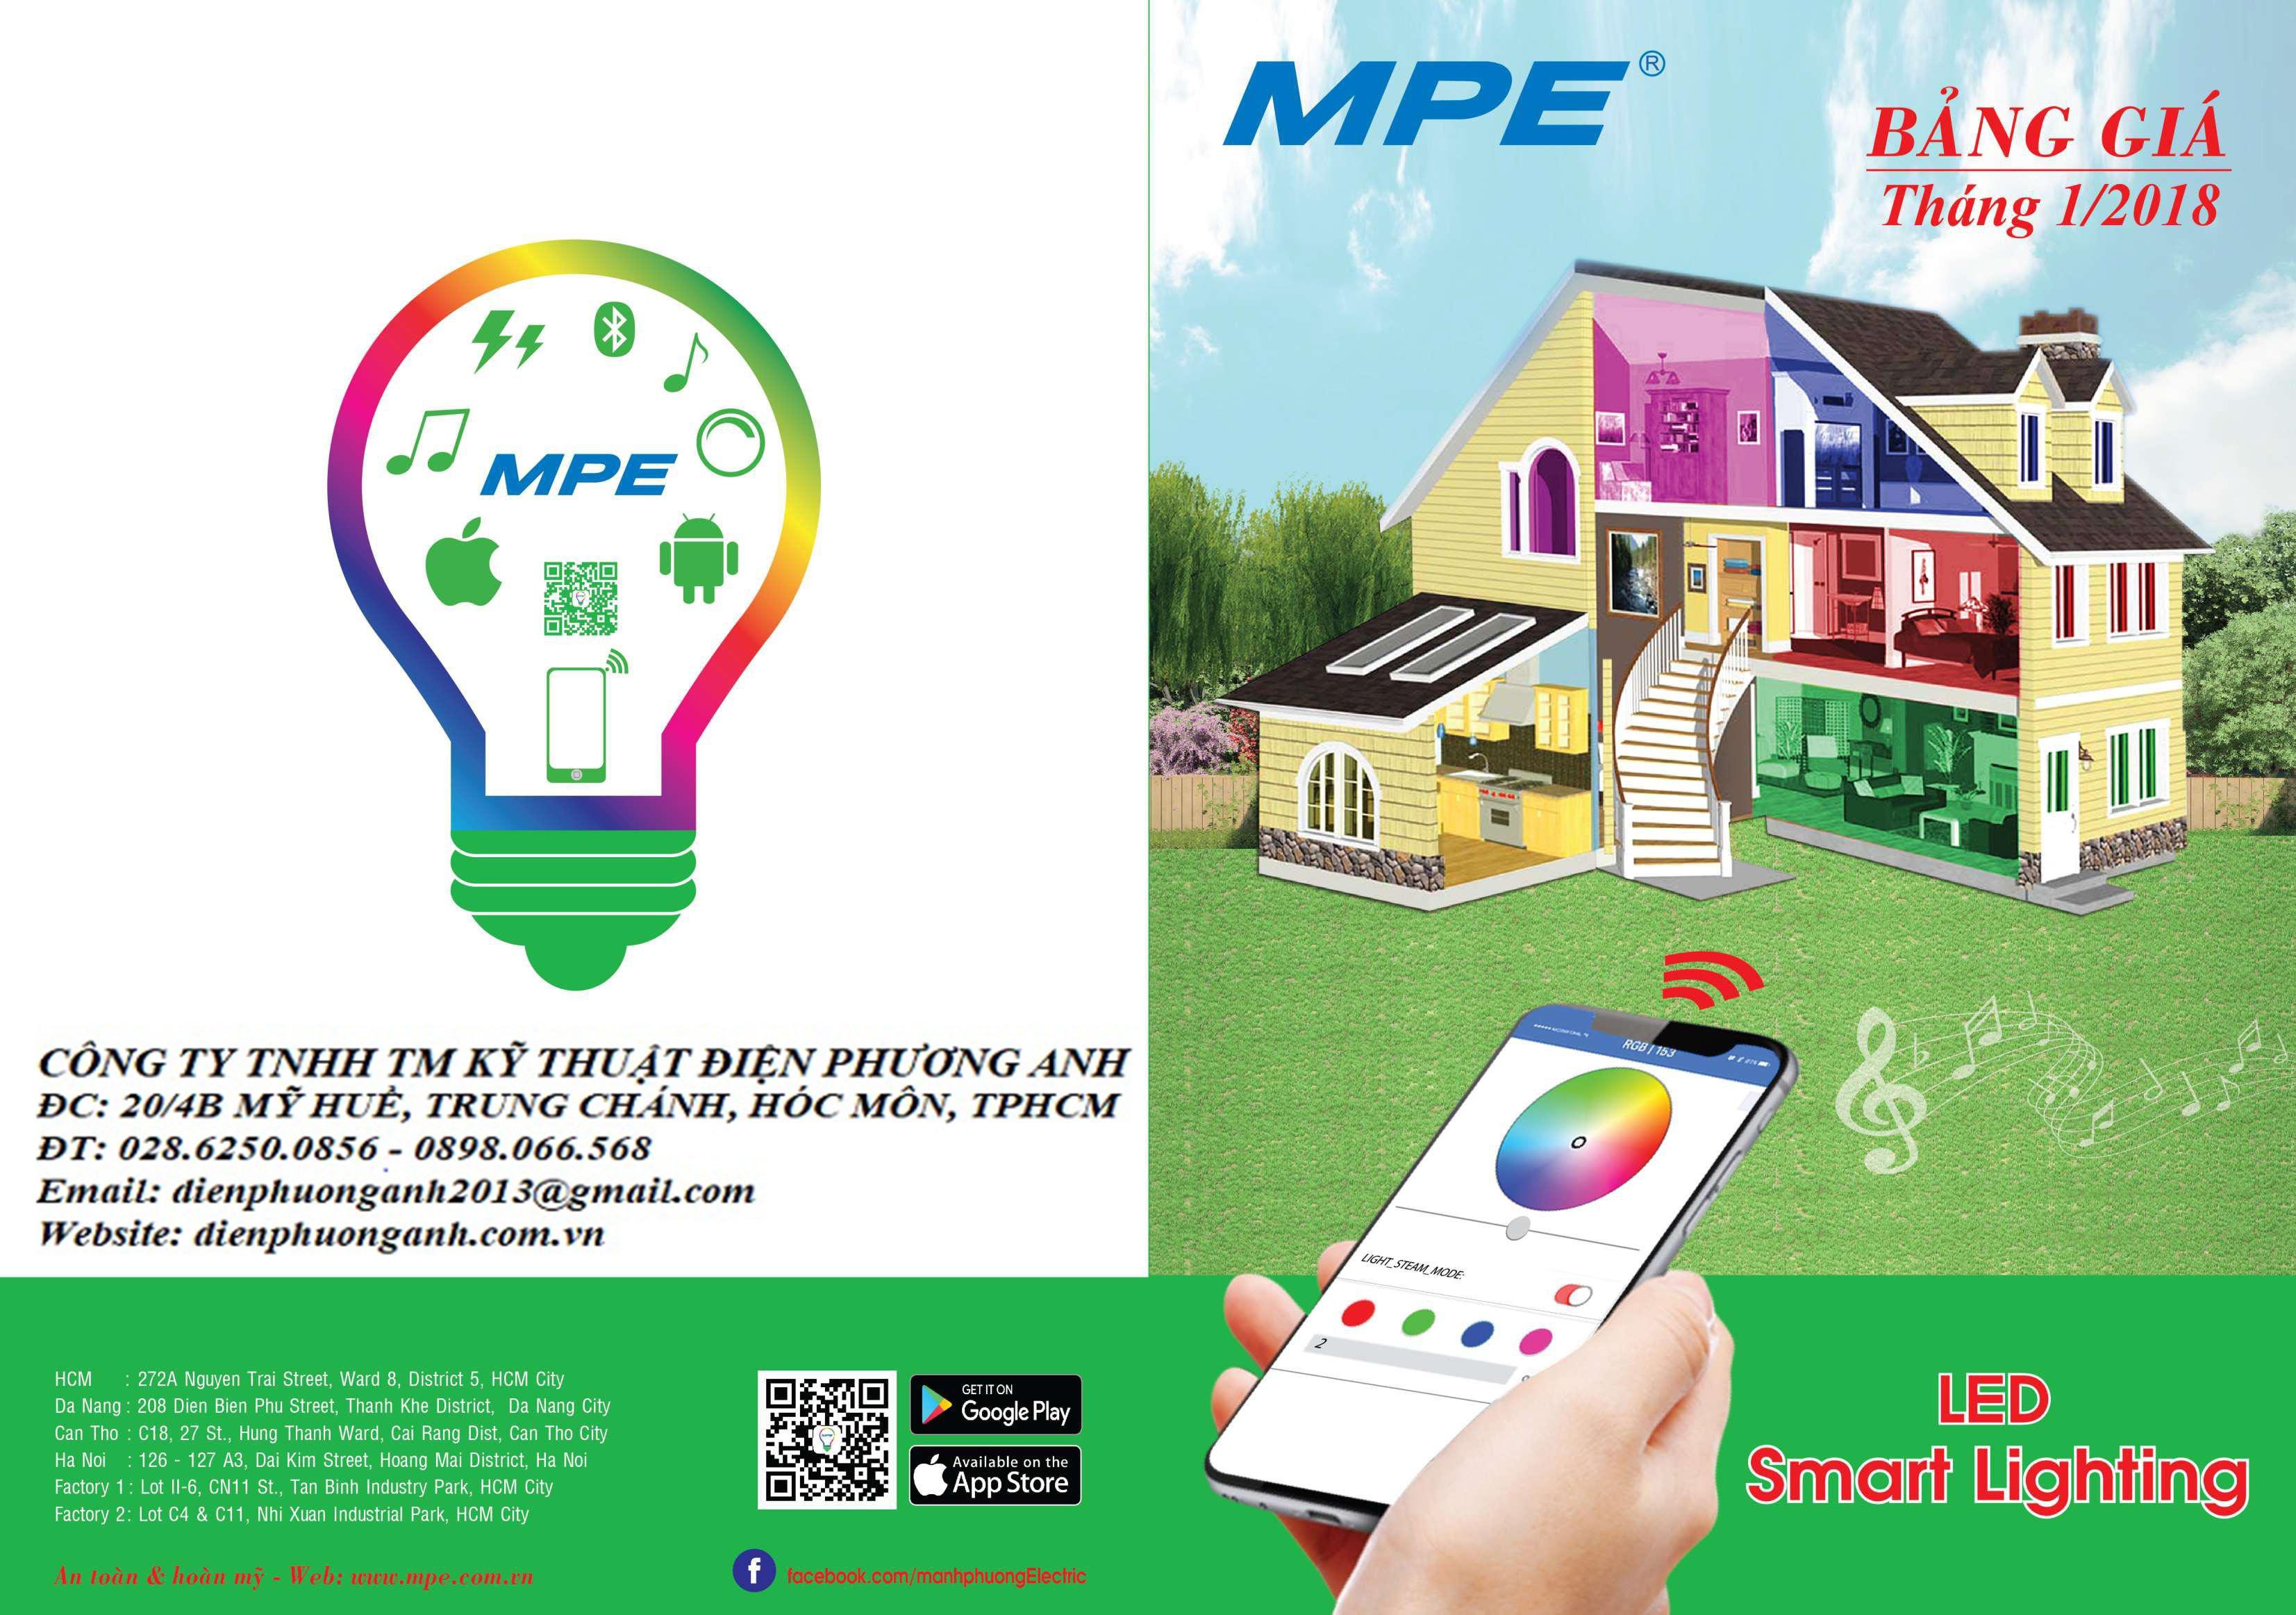 Đèn Led MPE sử dụng chip led gì